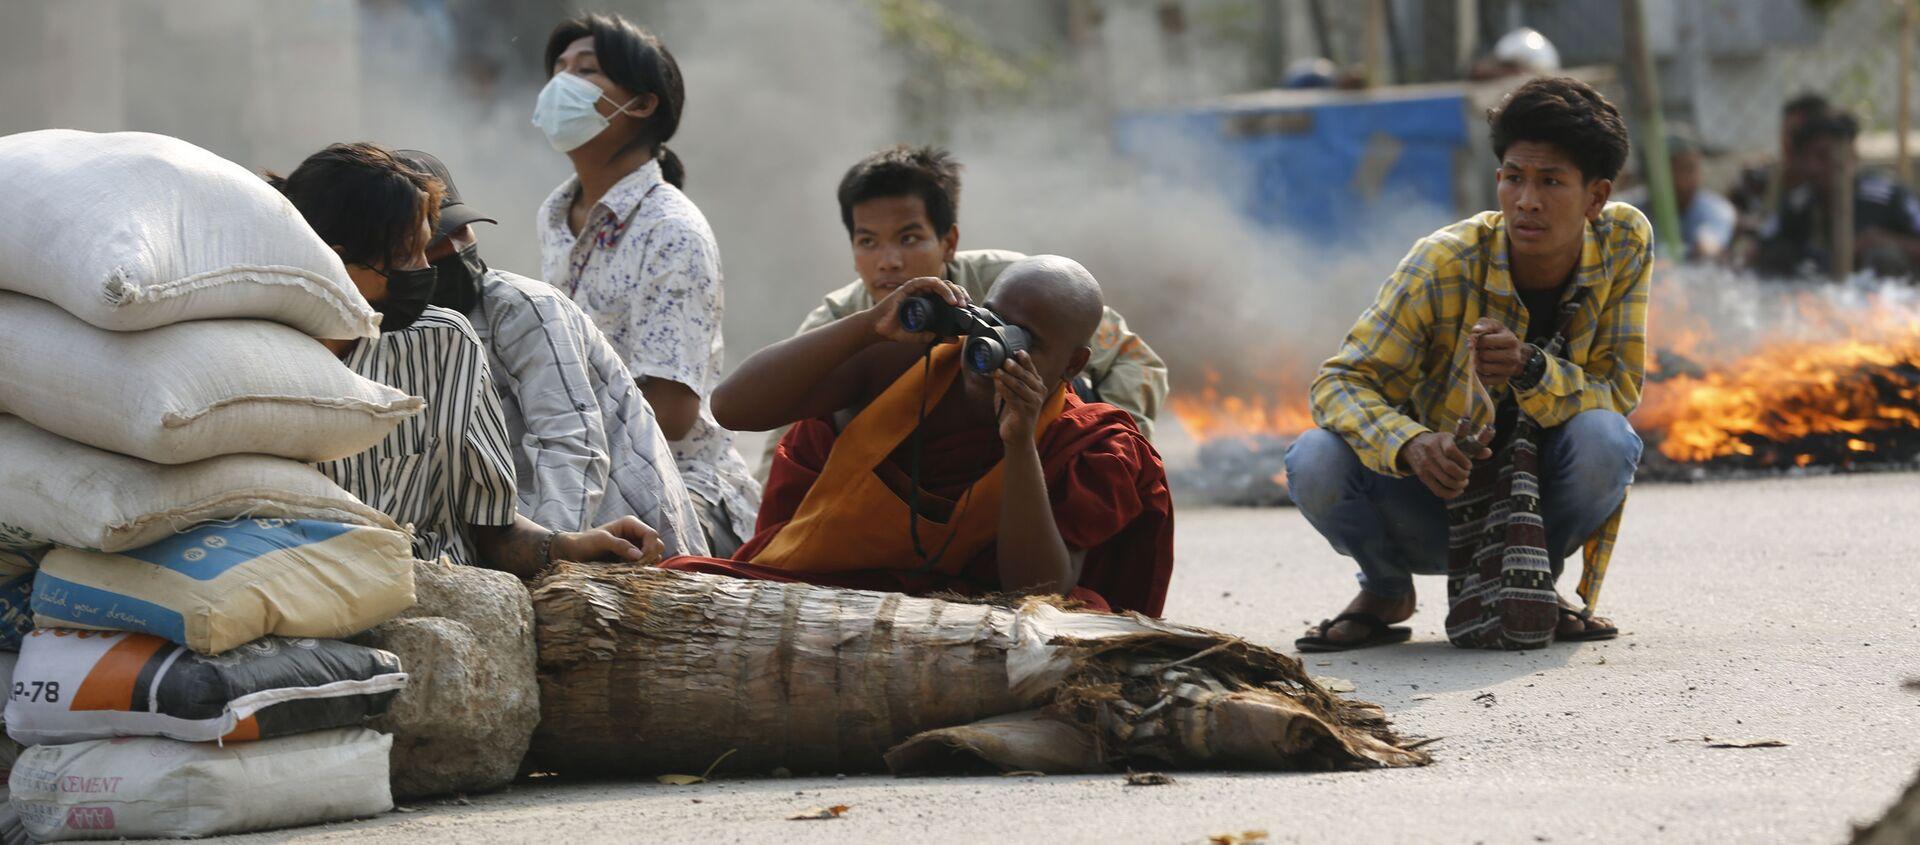 Буддийский монах с биноклем за дорожной баррикадой в Мандалае, Мьянма - Sputnik Italia, 1920, 27.03.2021